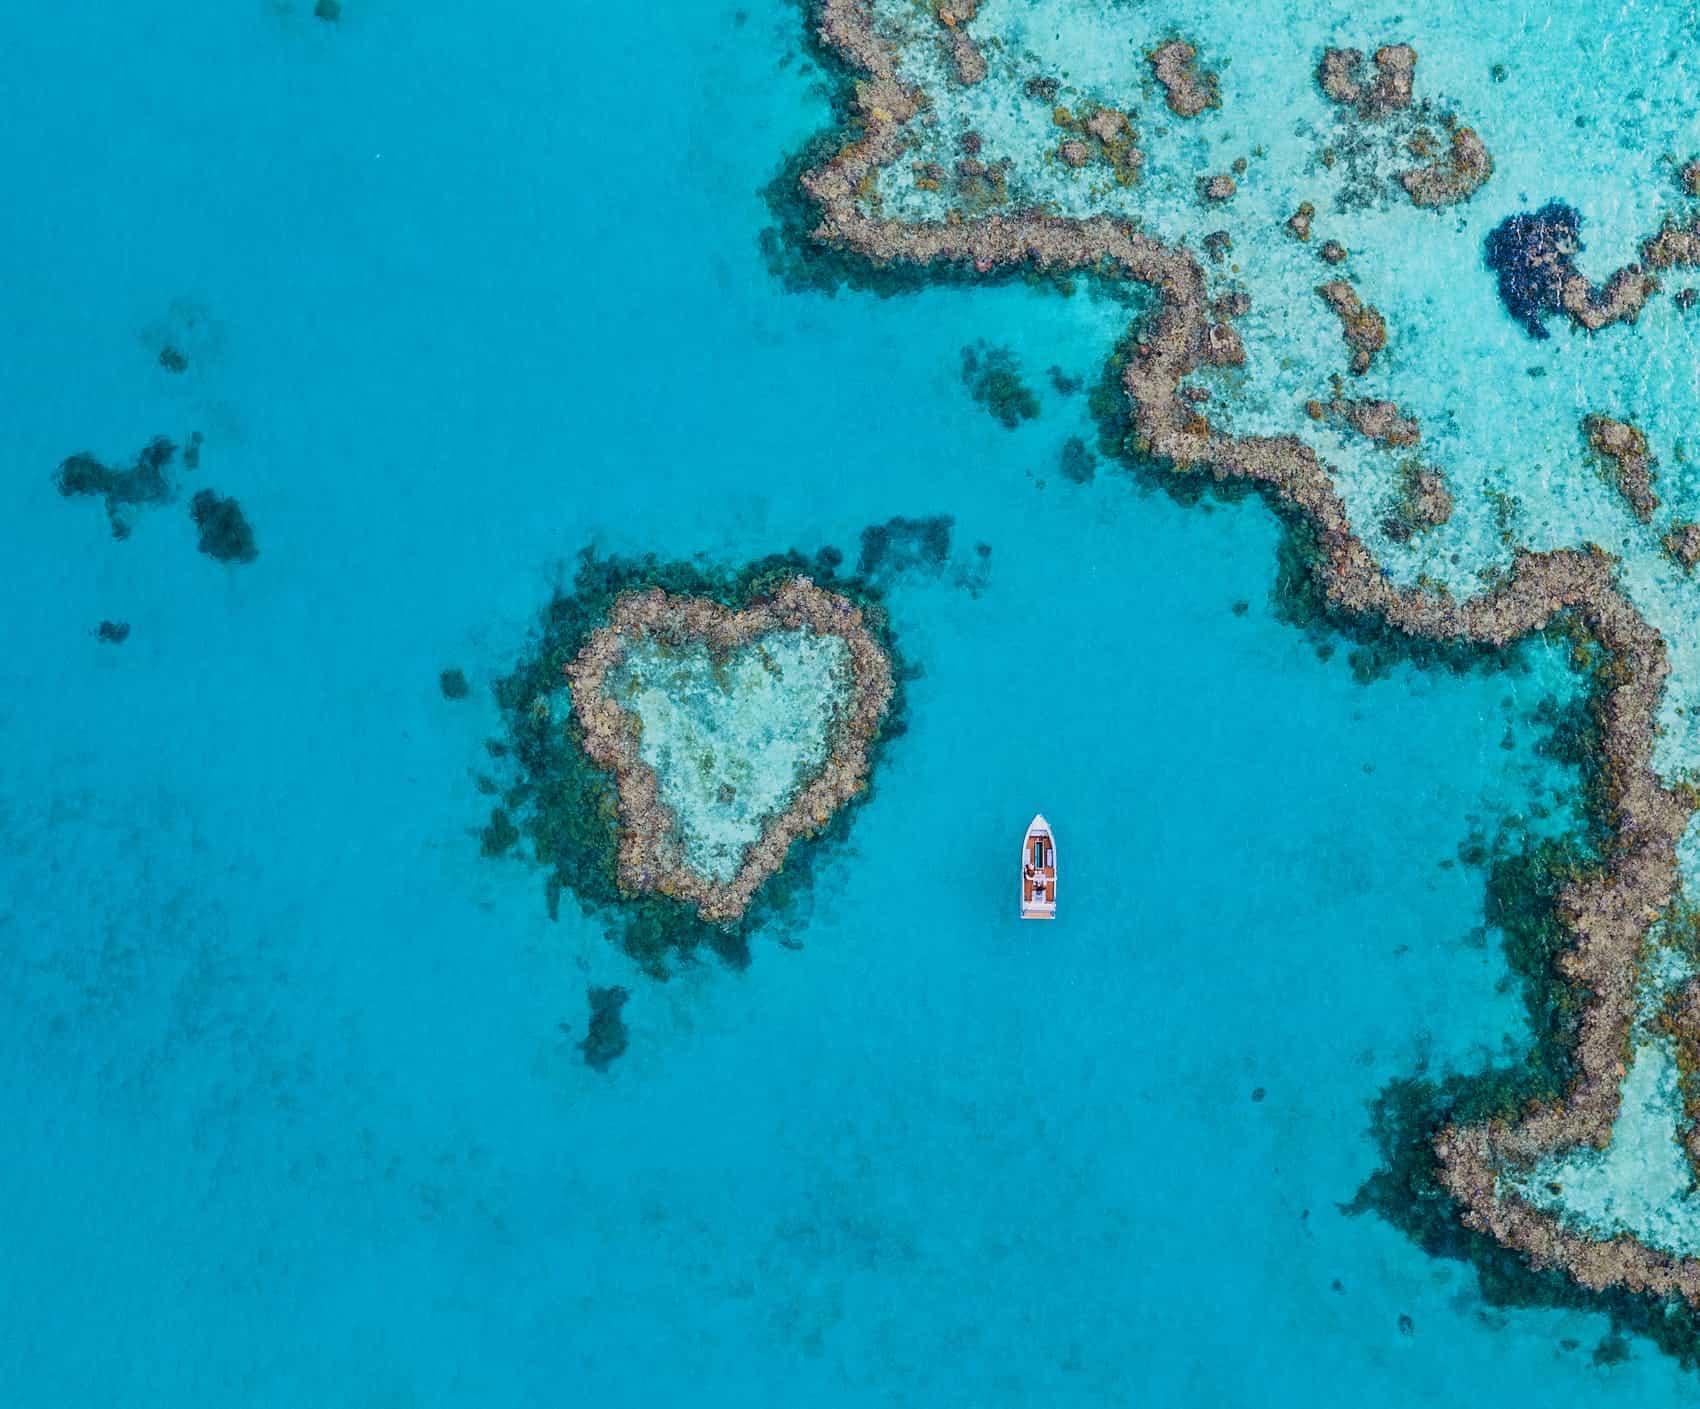 Finalmente se puede visitar este arrecife con forma de corazón en la Gran Barrera de Coral, Australia